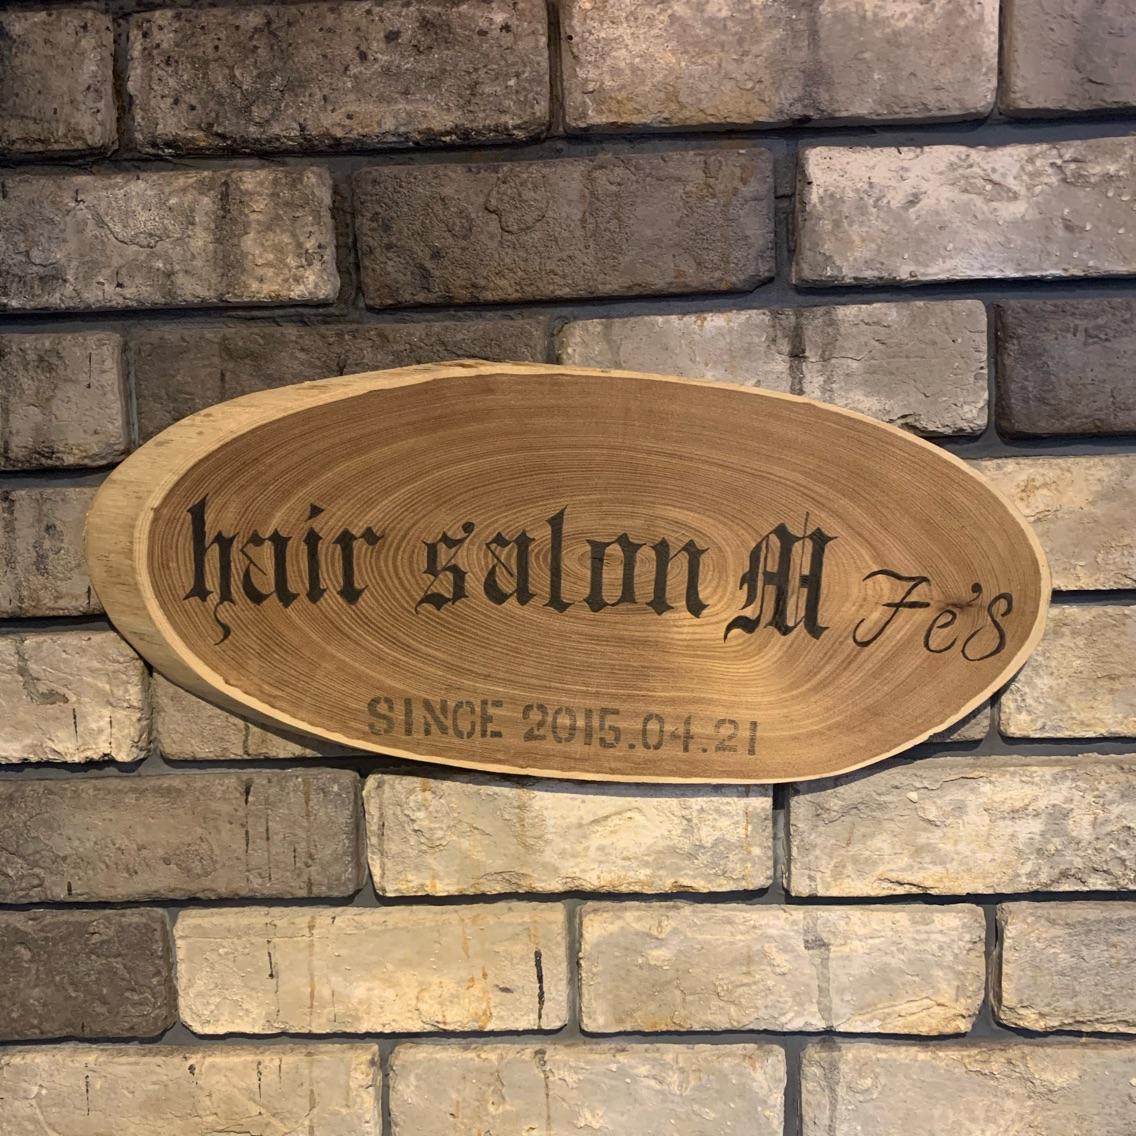 HAIR SALON M Fe's 池袋